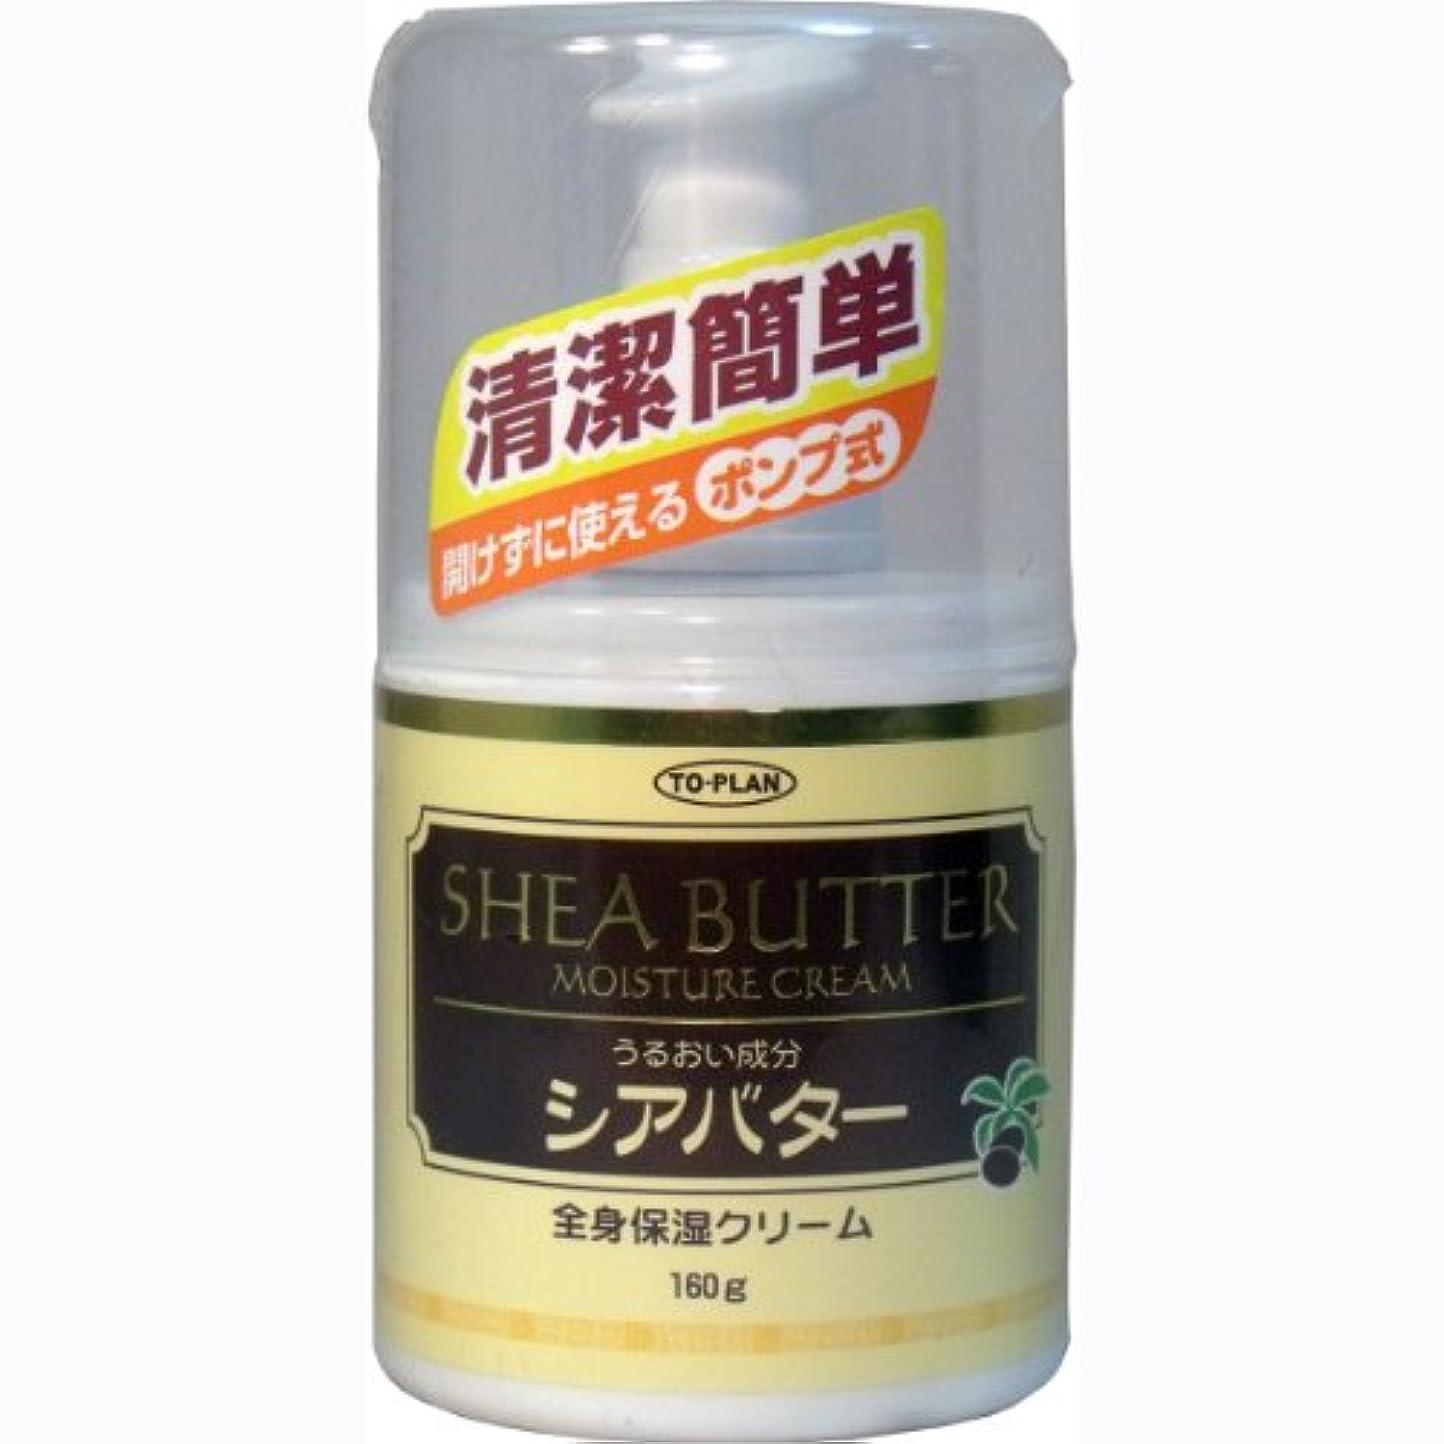 ペフ有効そうでなければトプラン 全身保湿クリーム シアバター ポンプ式 160g